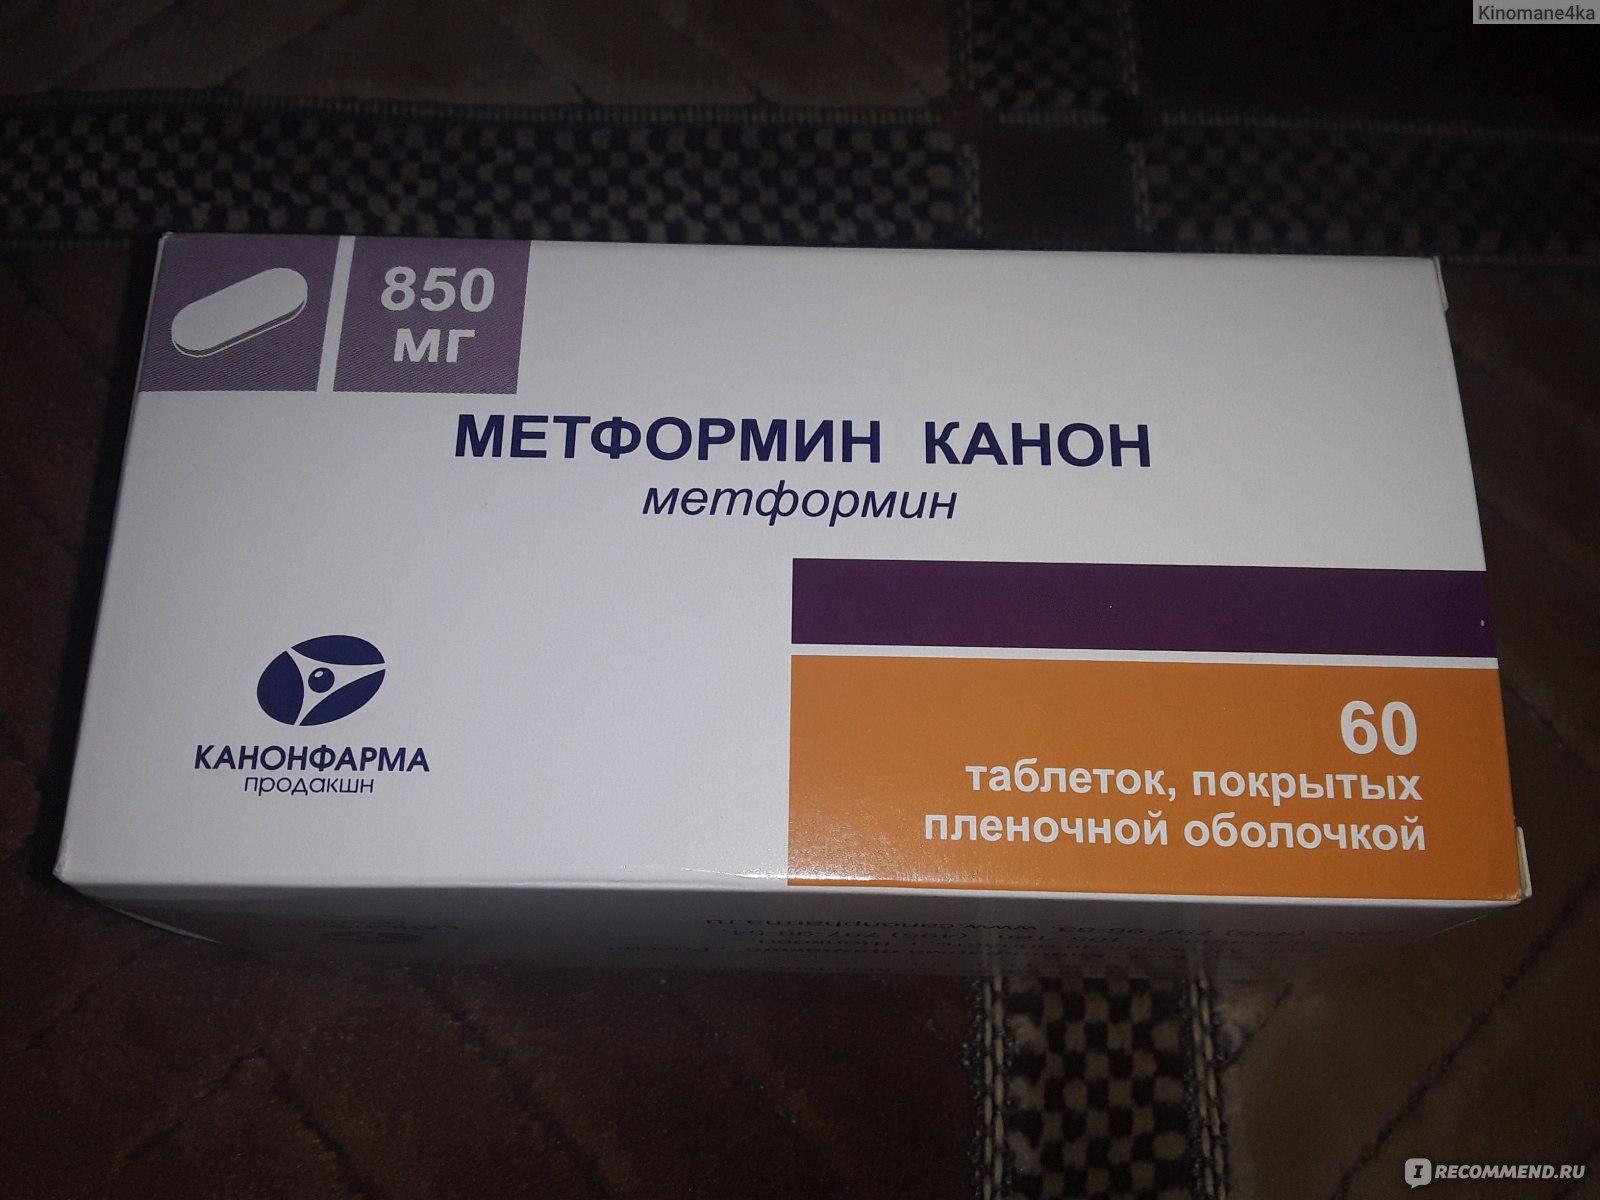 Как Принимать Метформин 500 Для Похудения. Метформин чем опасен для здоровья. Инструкция по применению для похудения посредством Метформина. Особенности применения для похудения.